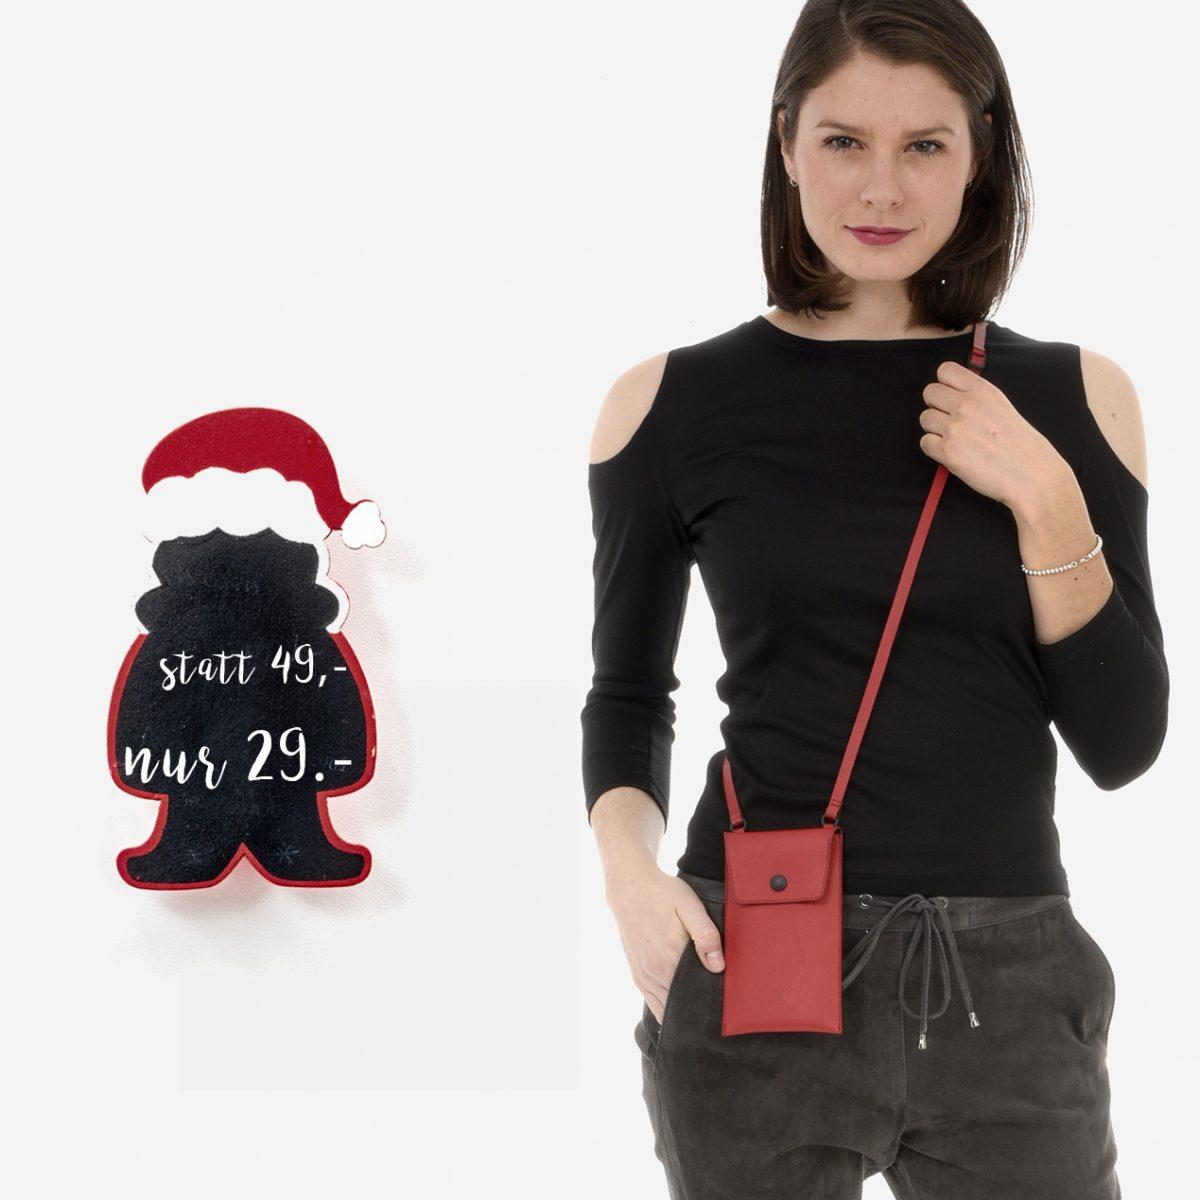 Wunschleder | rote Handytasche aus Leder zum Umhängen